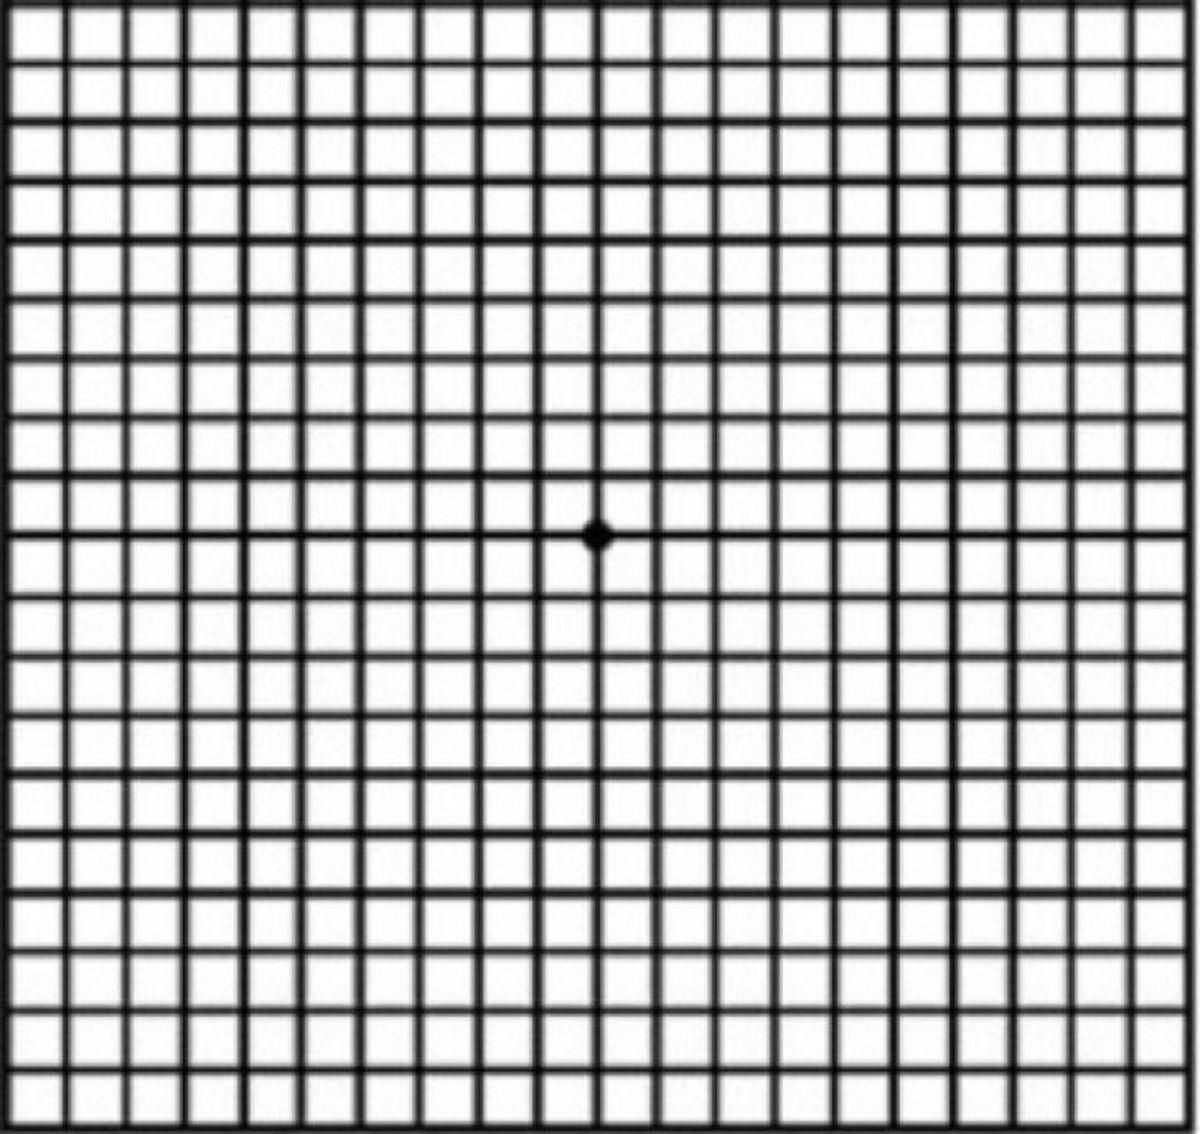 Cel mai tare test de vedere. Ce vezi în această imagine? | scutere-galant.ro